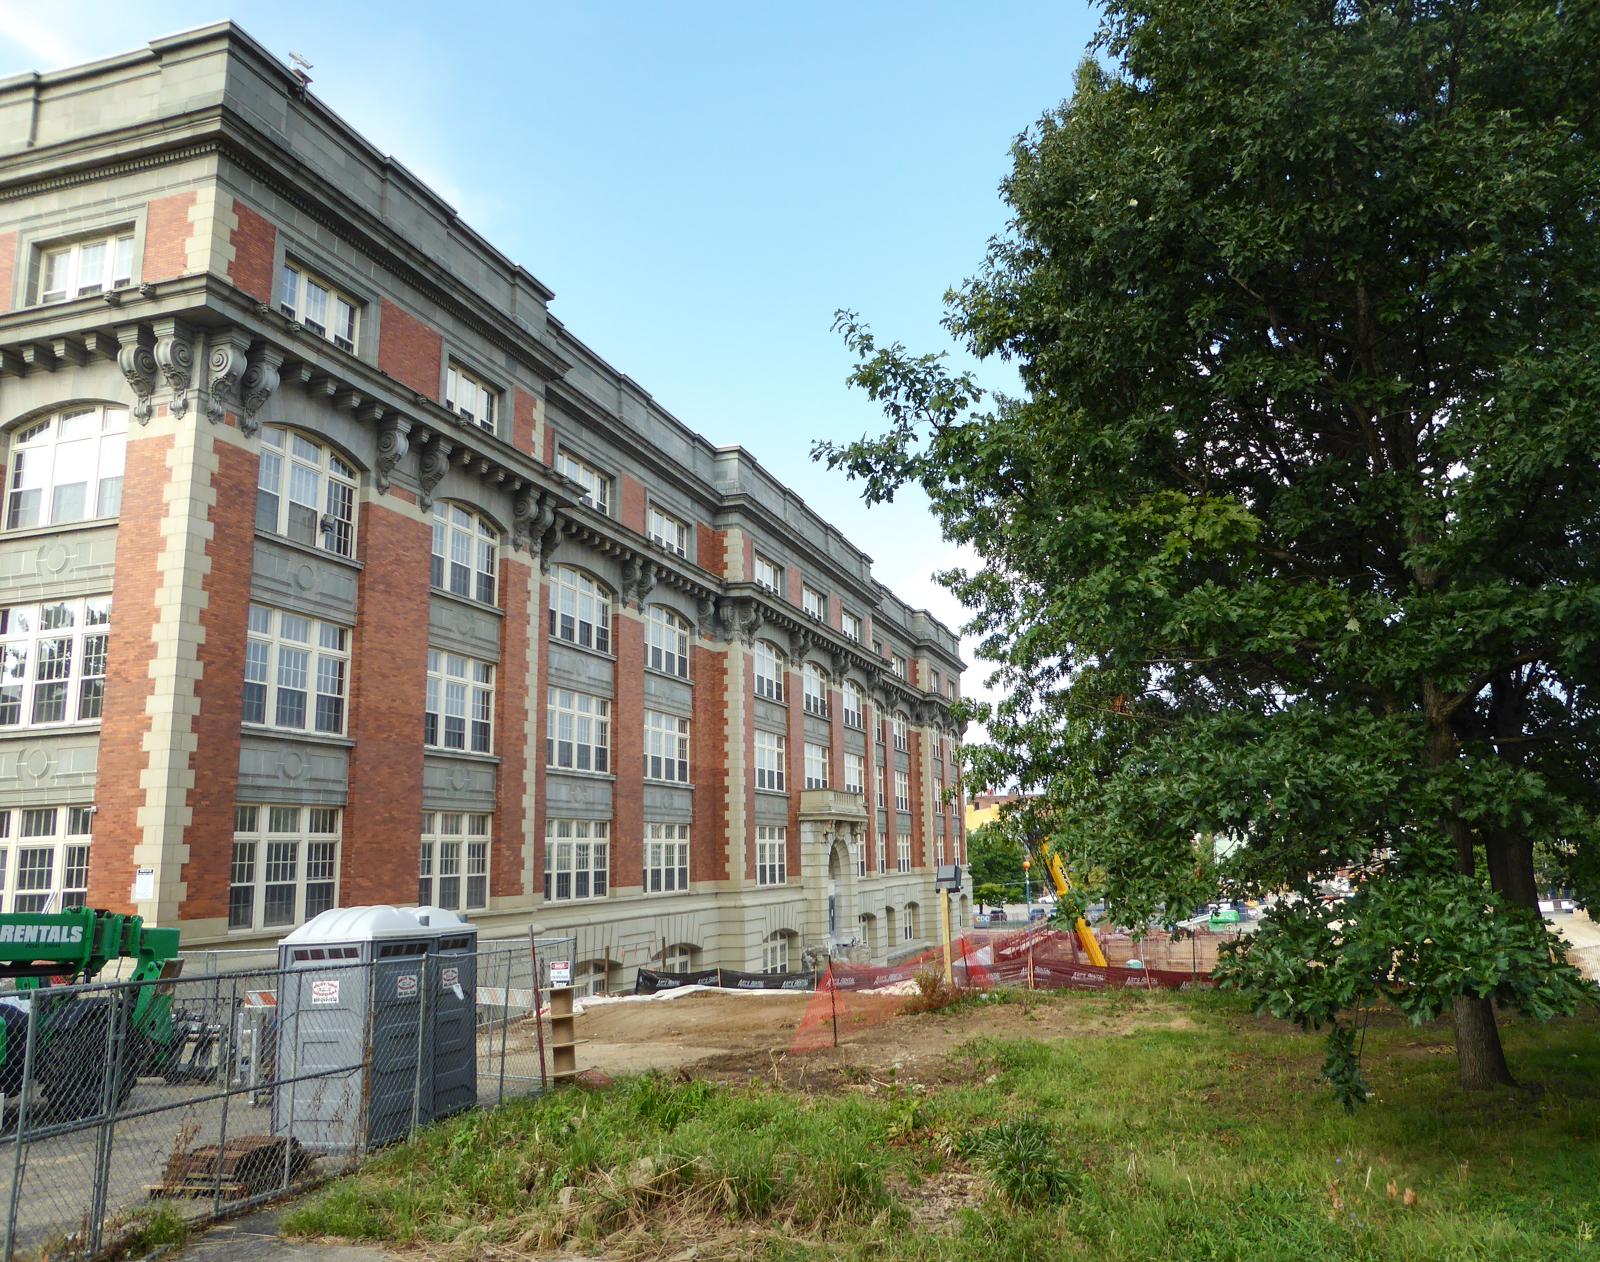 Alumni Lofts Historic Exterior 2